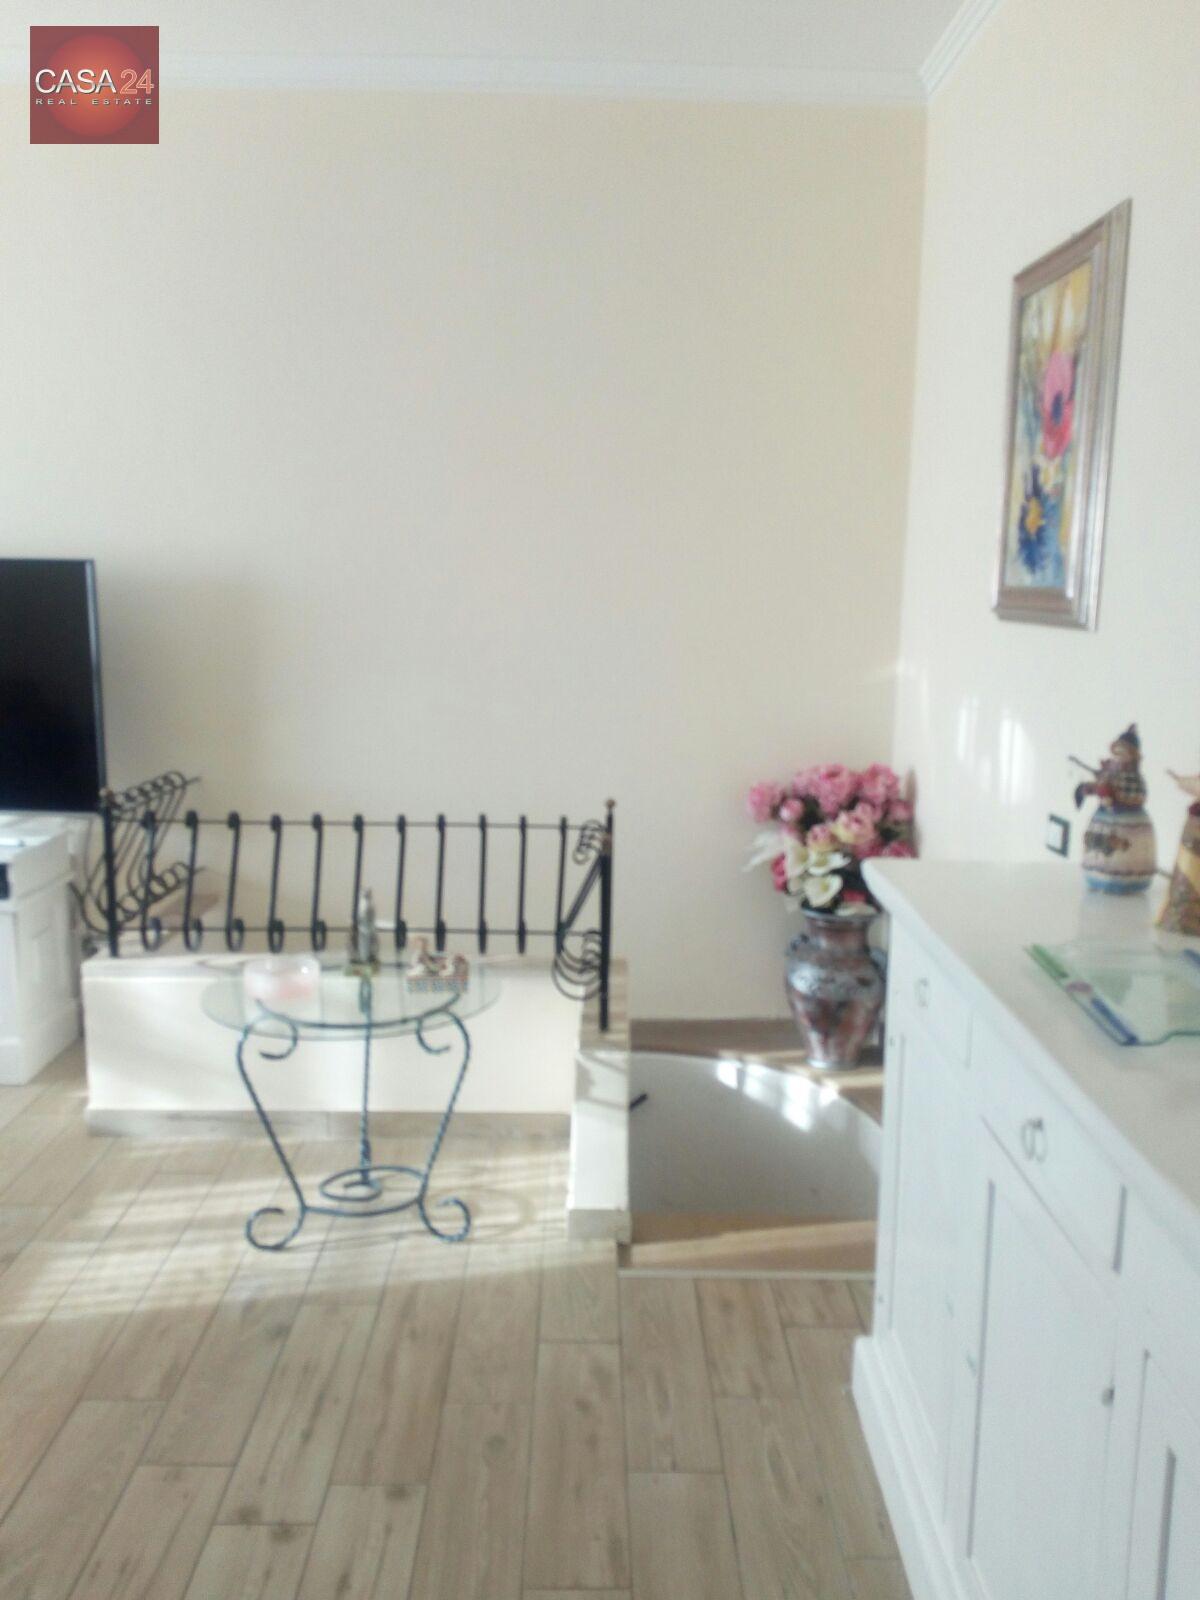 Appartamento in vendita a Latina, 6 locali, zona Località: R2ZonaPiccarello, prezzo € 215.000   CambioCasa.it